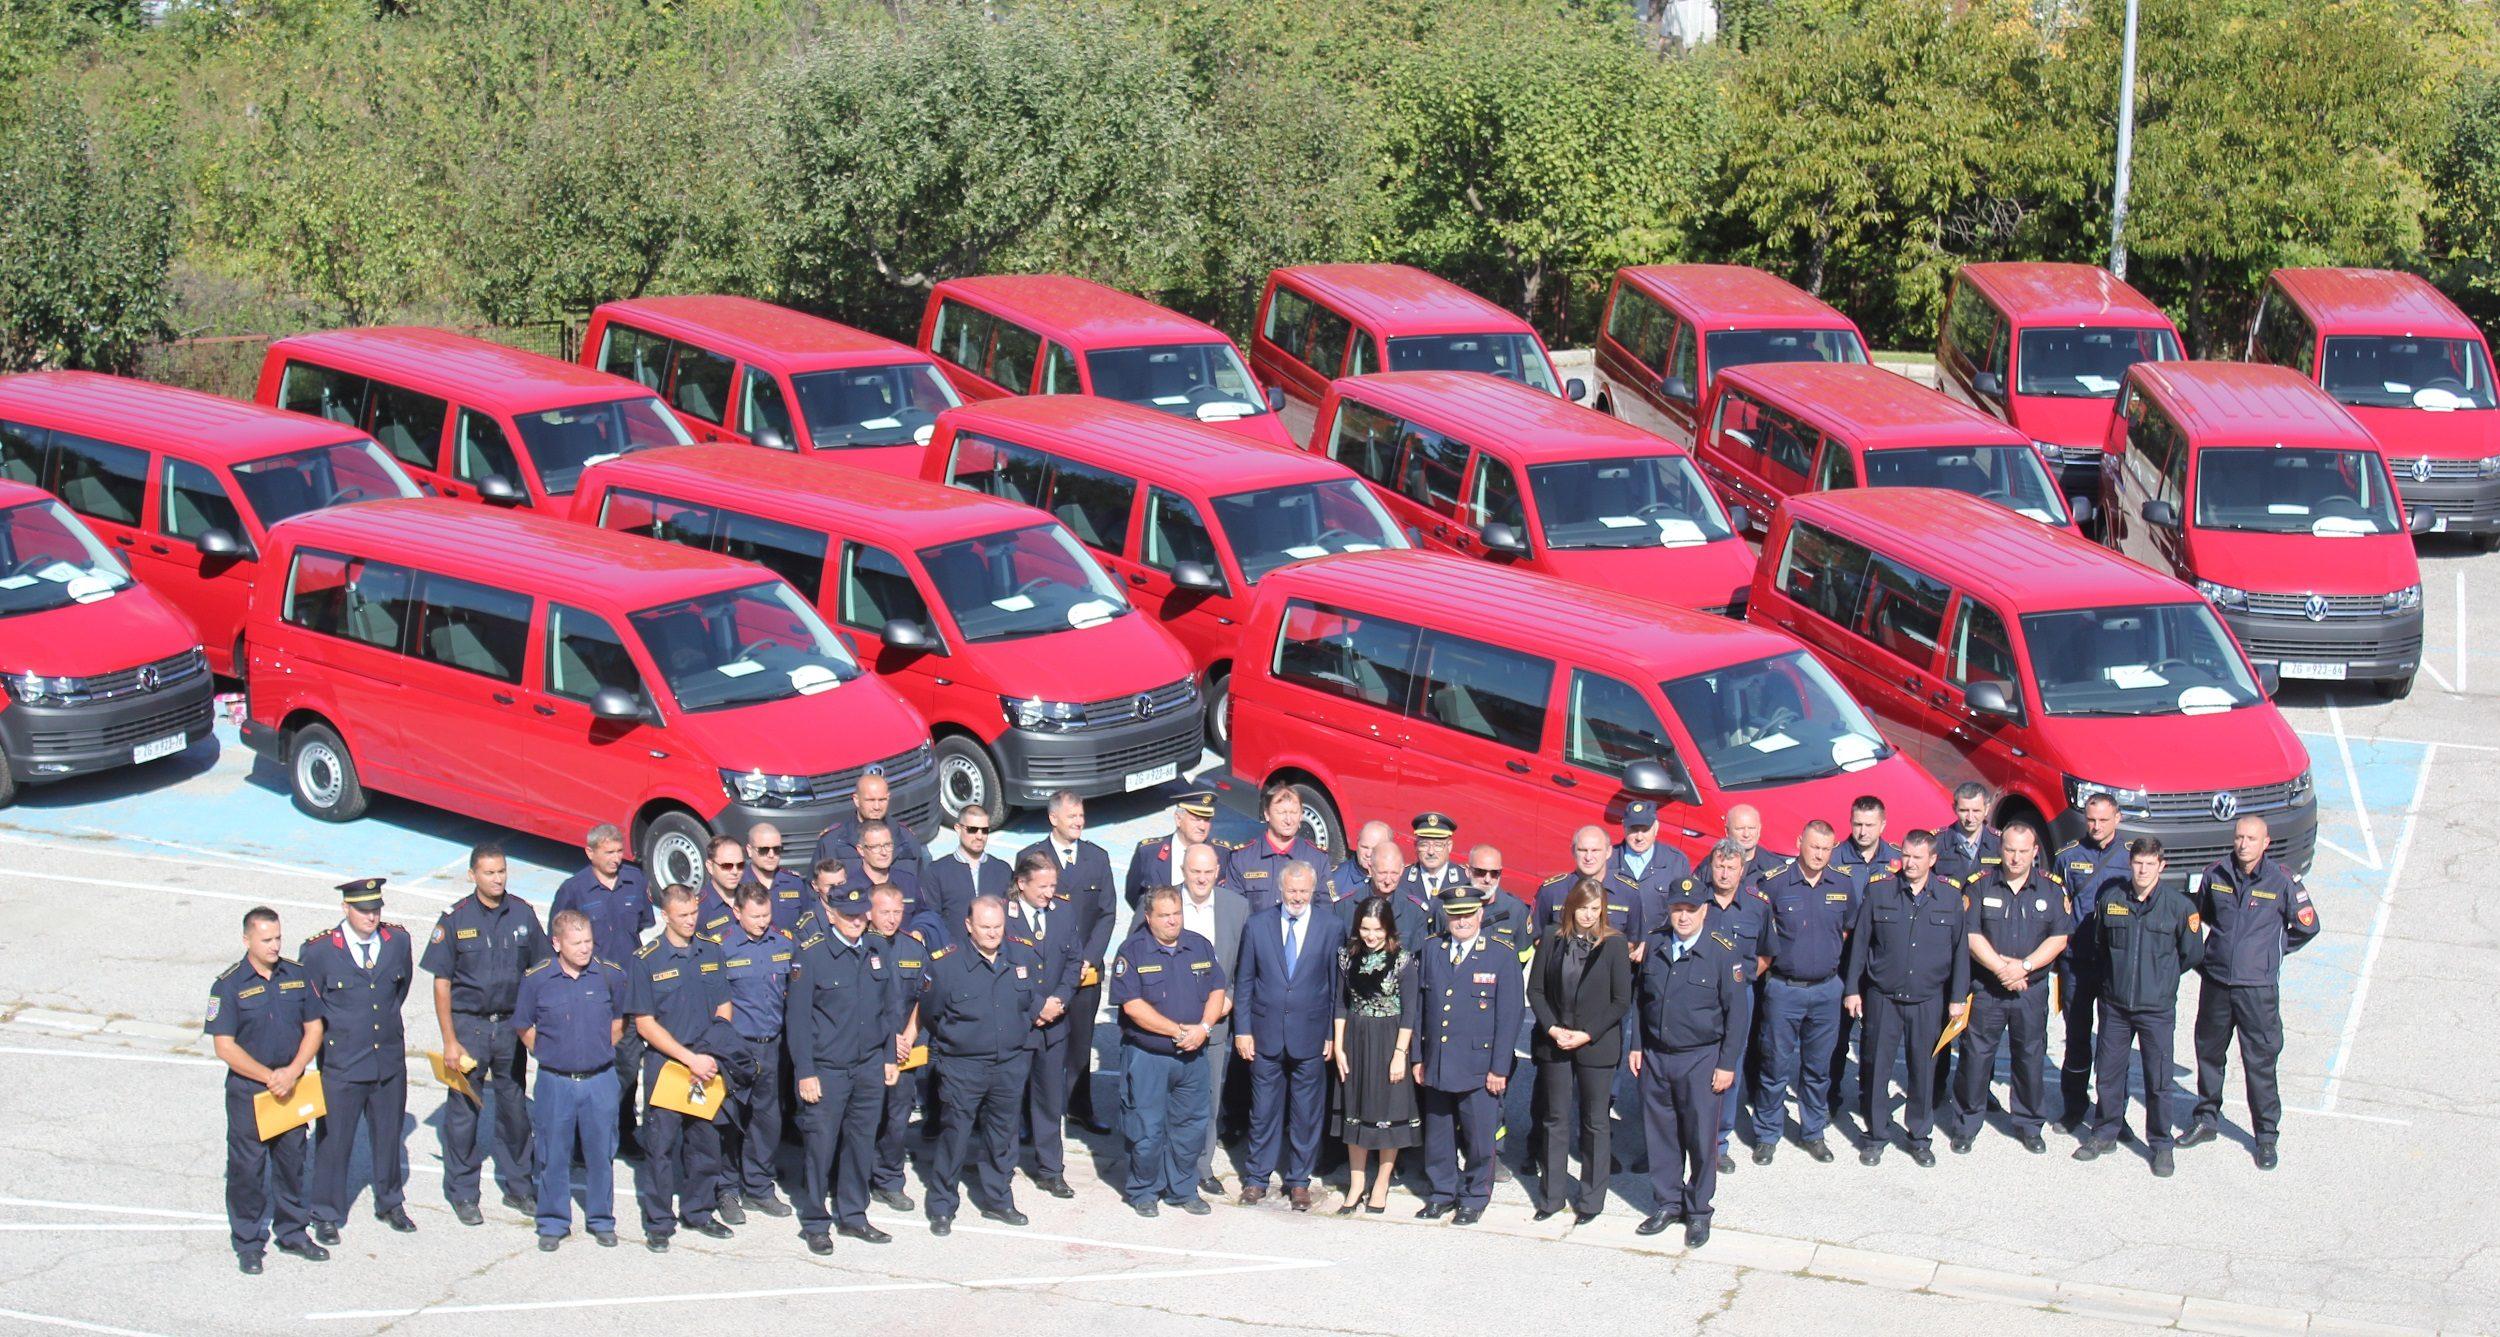 Vozila financirana iz OKFŠ-a: Marija Vučković uručila 17 novih vozila Hrvatskoj vatrogasnoj zajednici